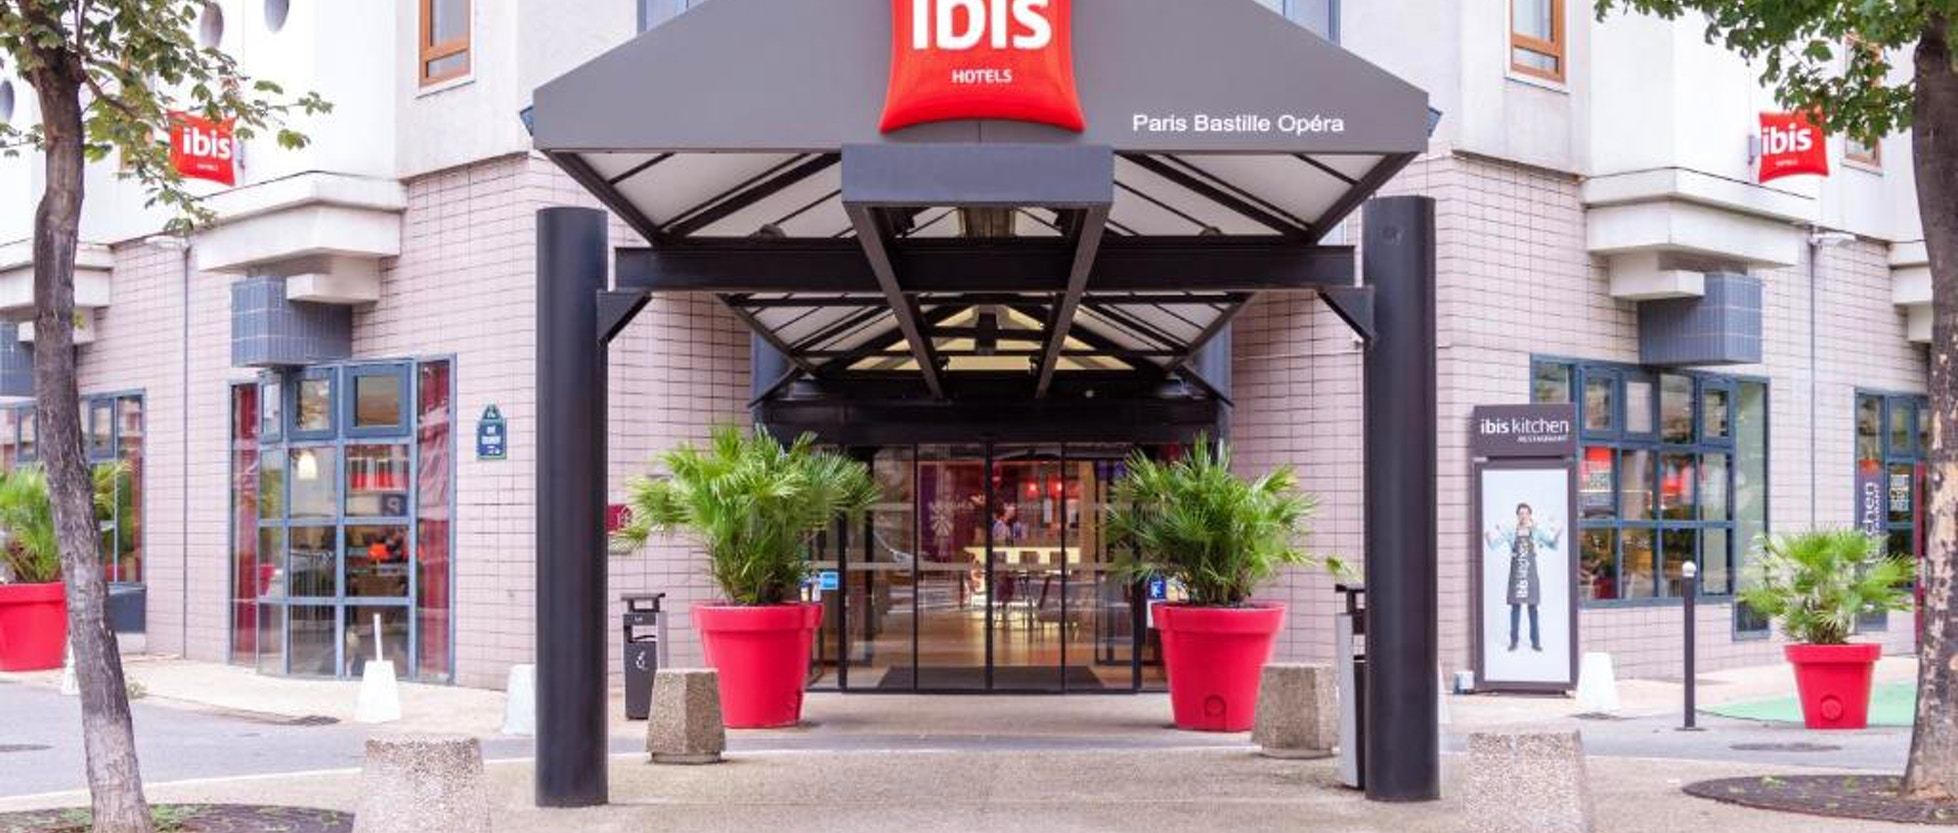 Hotel Ibis a Parigi: i migliori della catena alberghiera